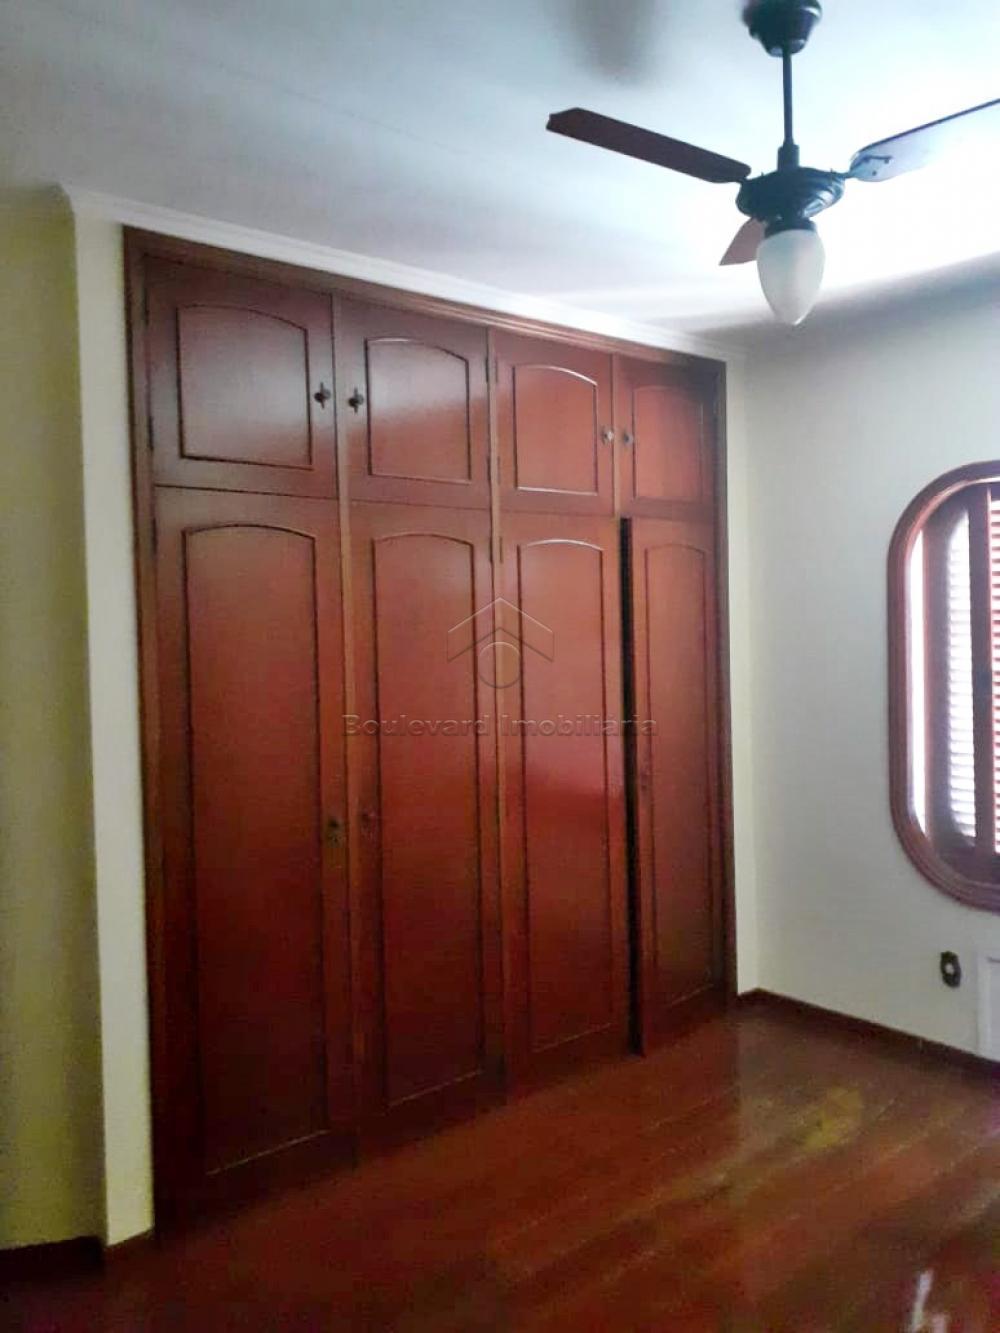 Alugar Apartamento / Padrão em Ribeirão Preto R$ 1.500,00 - Foto 24